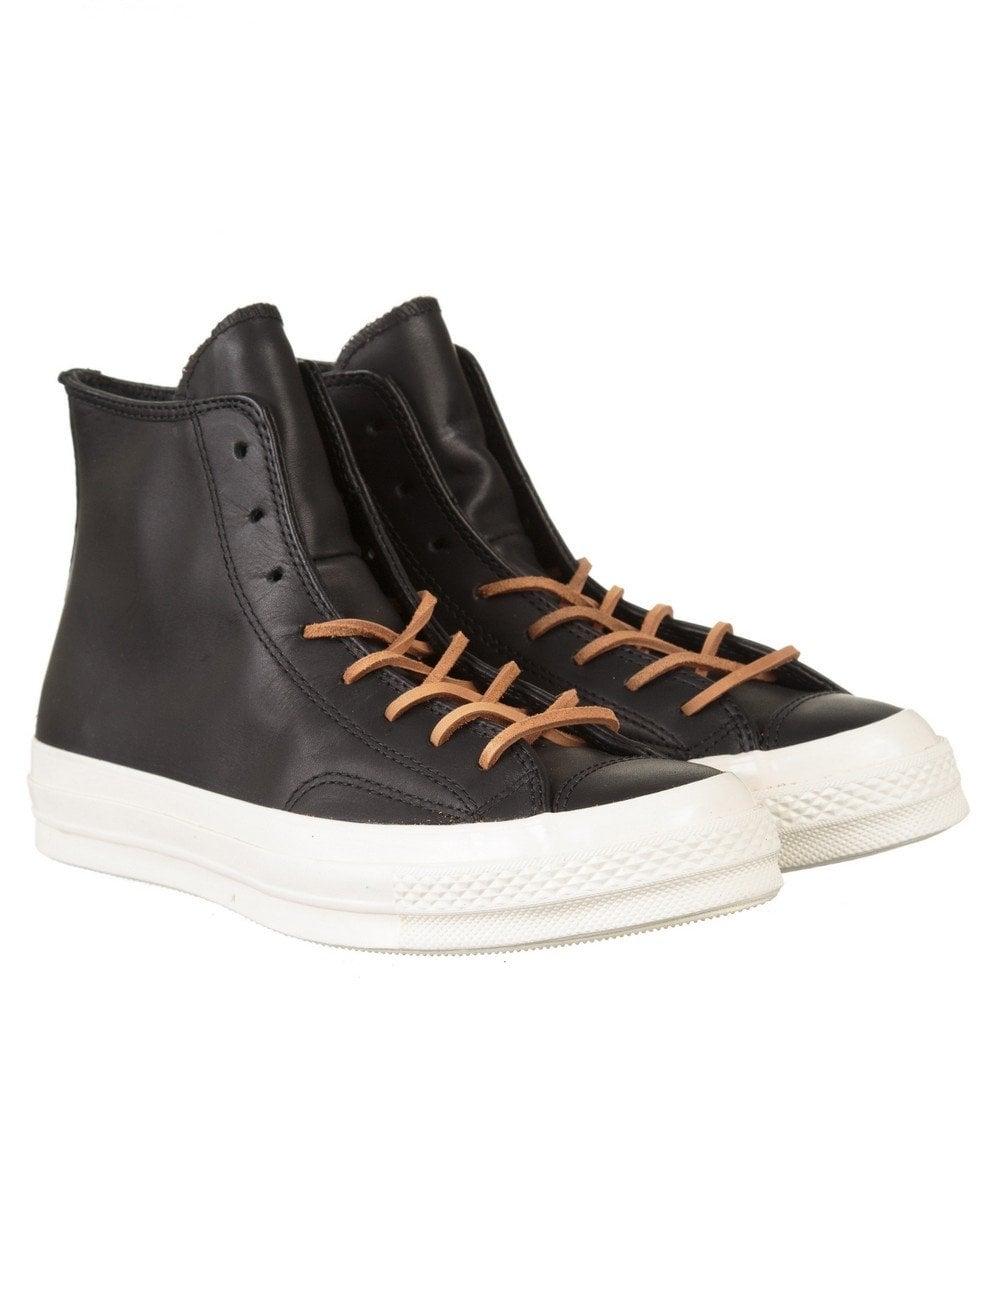 16a0567fb43 Converse Chuck Taylor 70s Hi Leather Boots - Black Egret - Footwear ...